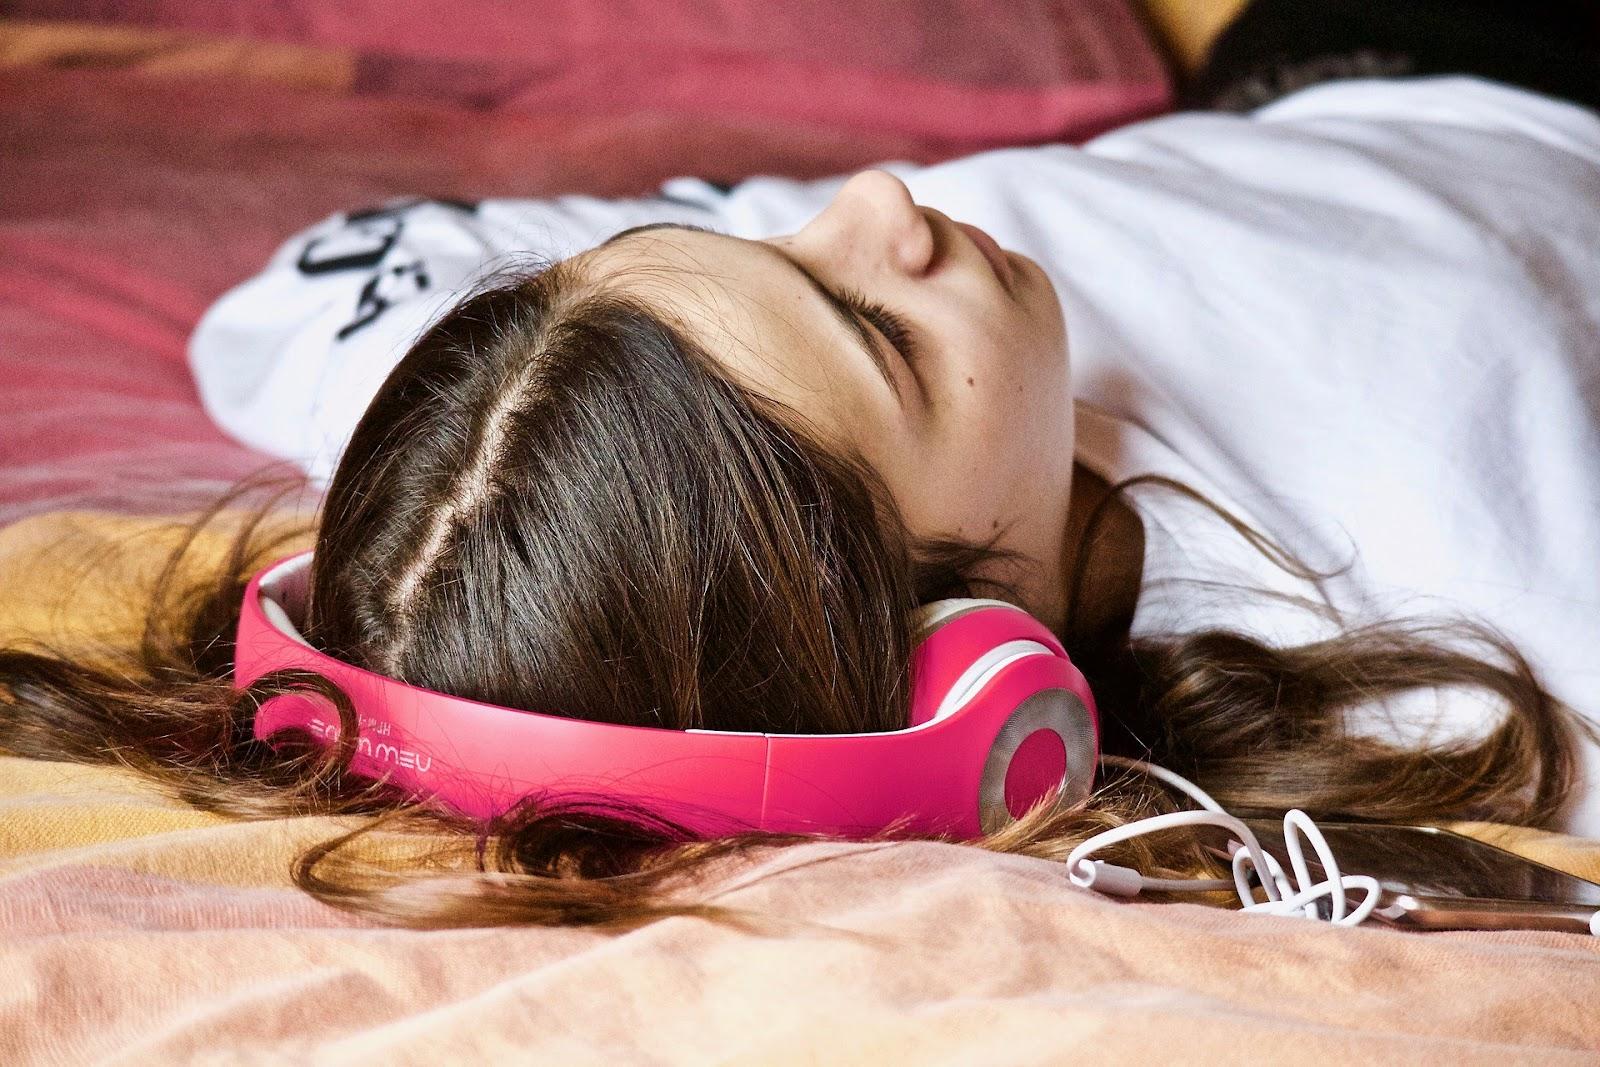 học tiếng anh khi ngủ